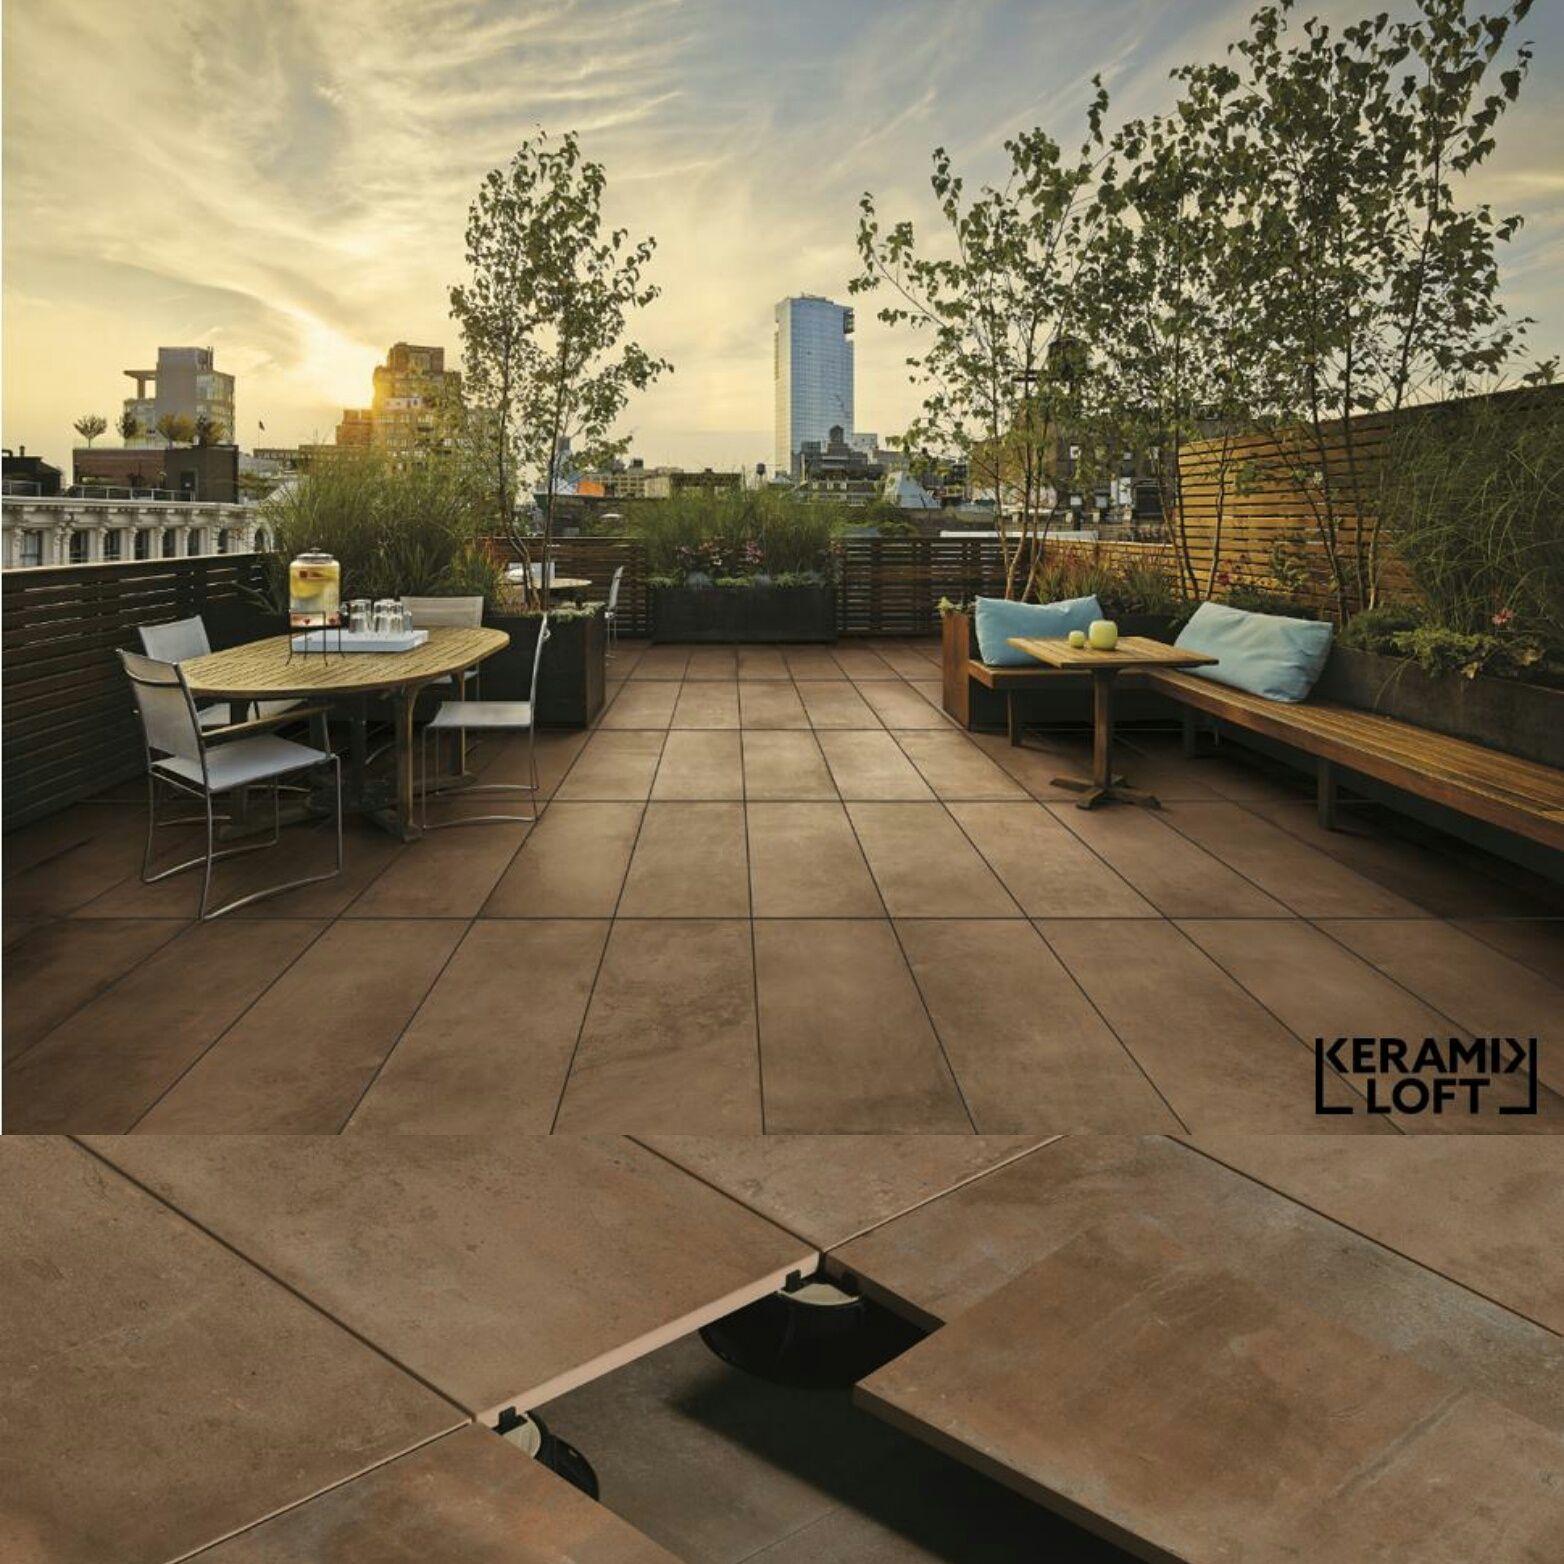 gro formatige terrassenplatten keramikfliesen f r den au enbereich mit passenden stelzlagern. Black Bedroom Furniture Sets. Home Design Ideas